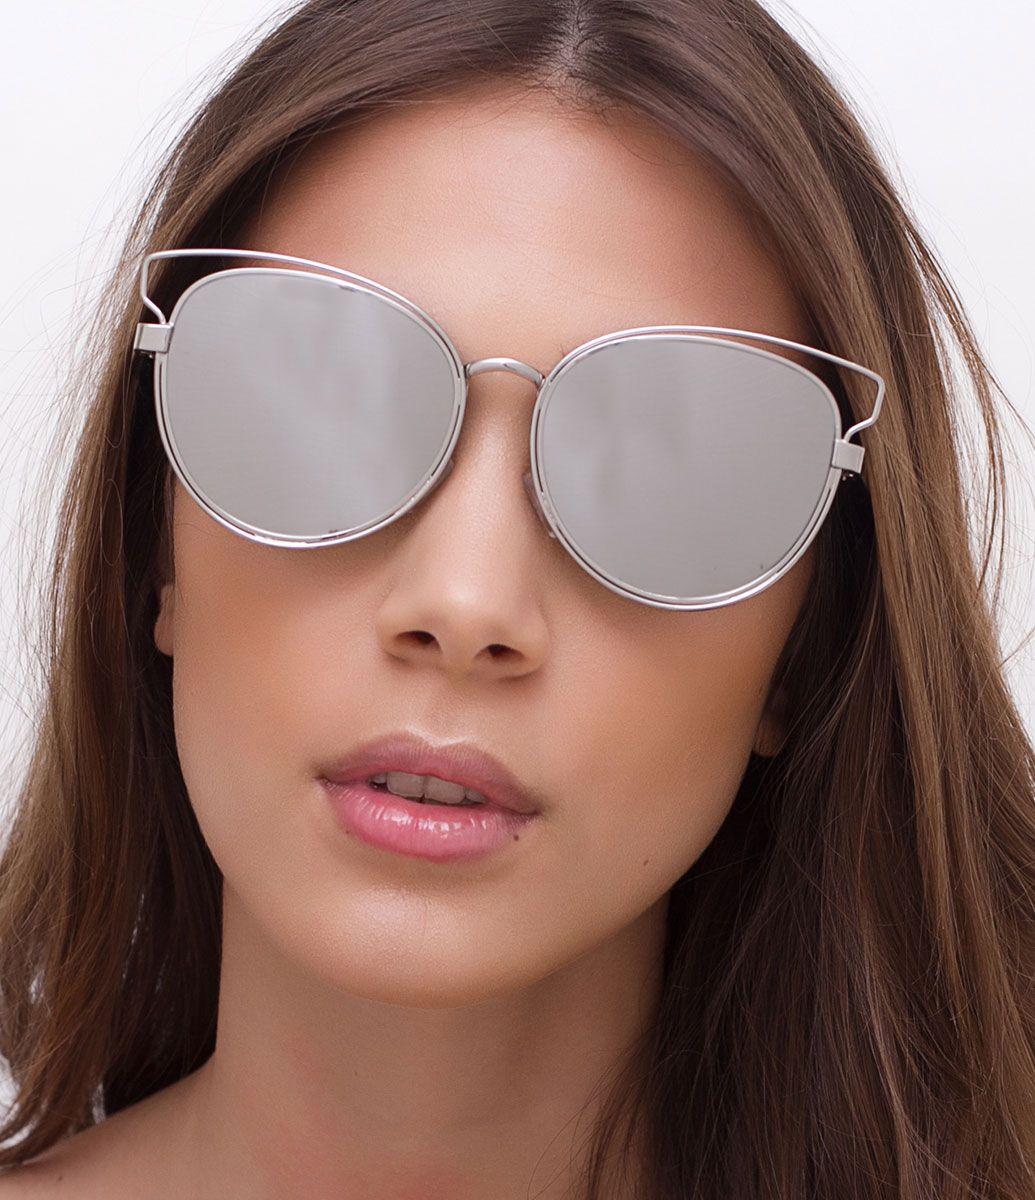 5c635d1d4ceb2 Óculos de sol feminino Modelo gateado Hastes em metal Lentes espelhadas  Proteção contra raios UVA